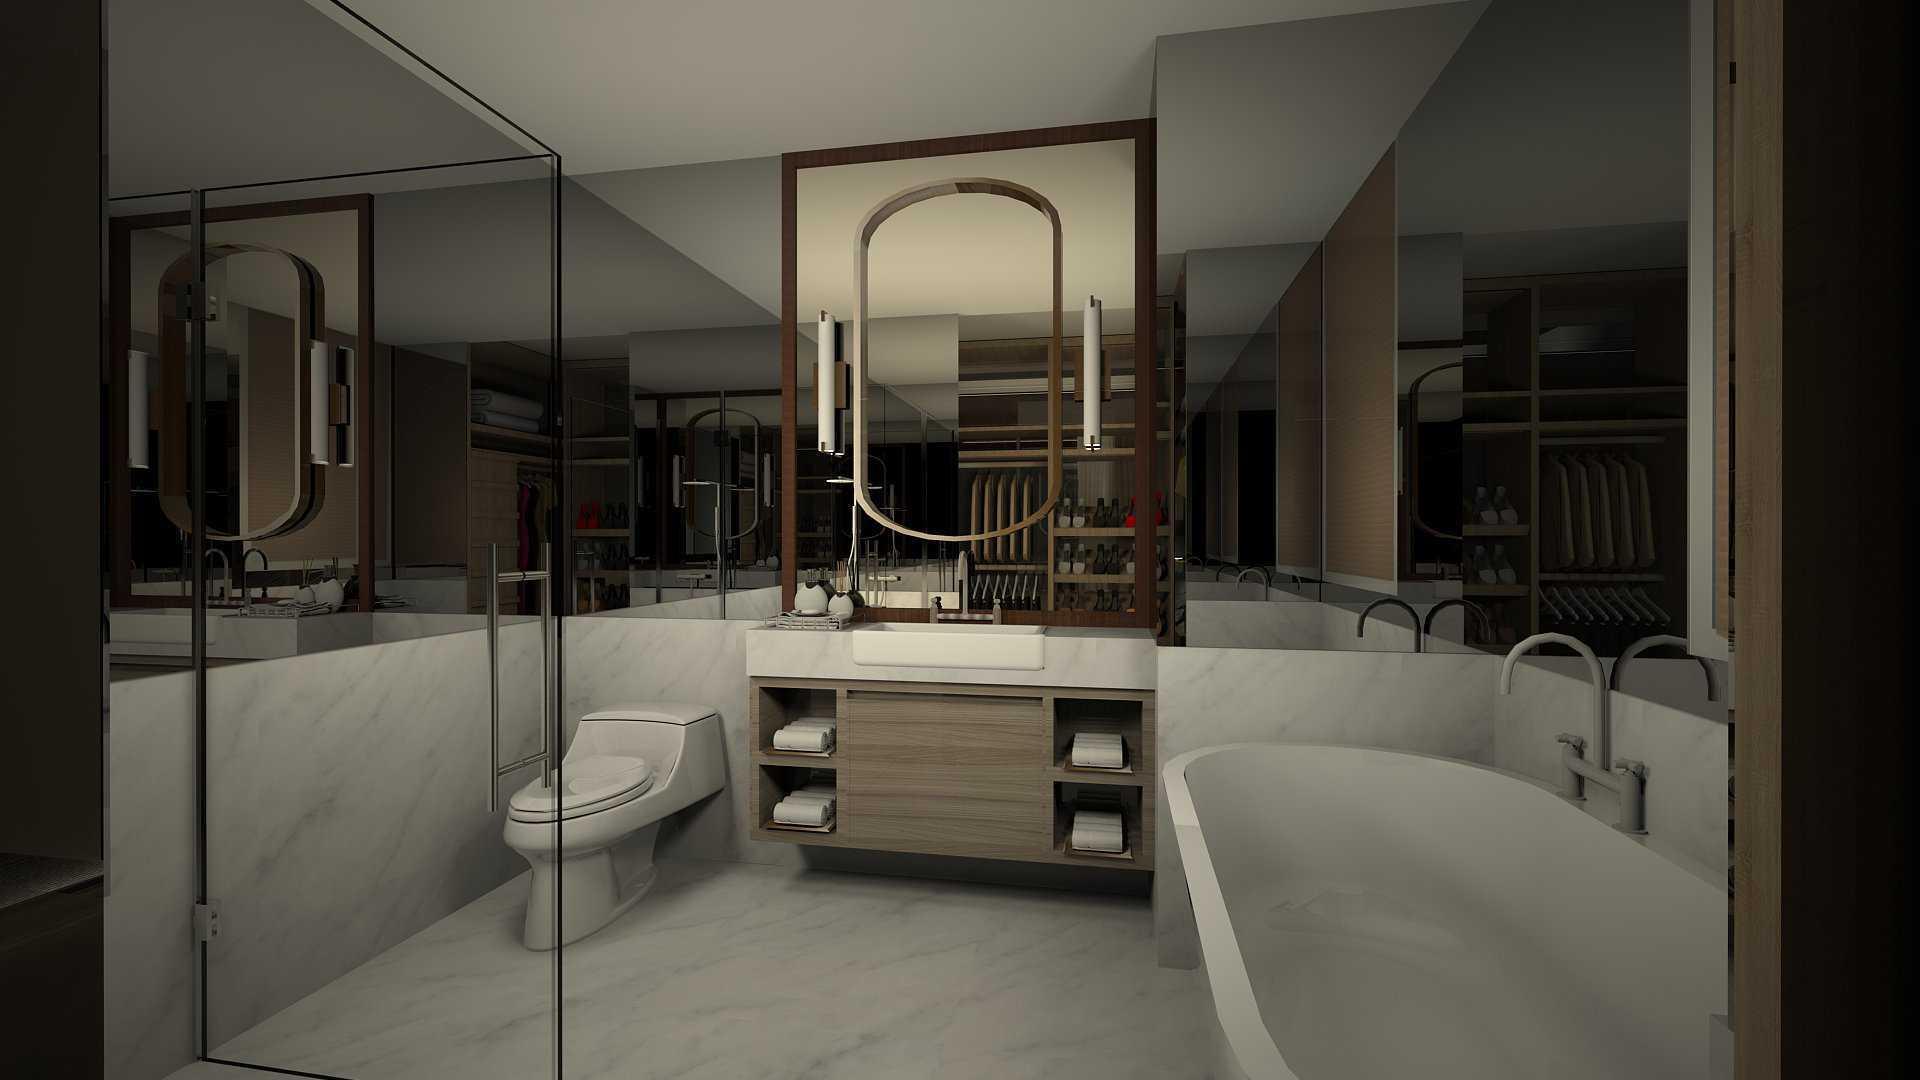 Foto inspirasi ide desain kamar mandi minimalis Tms-creative-st-moritz-the-new-presidential-suite oleh TMS Creative di Arsitag